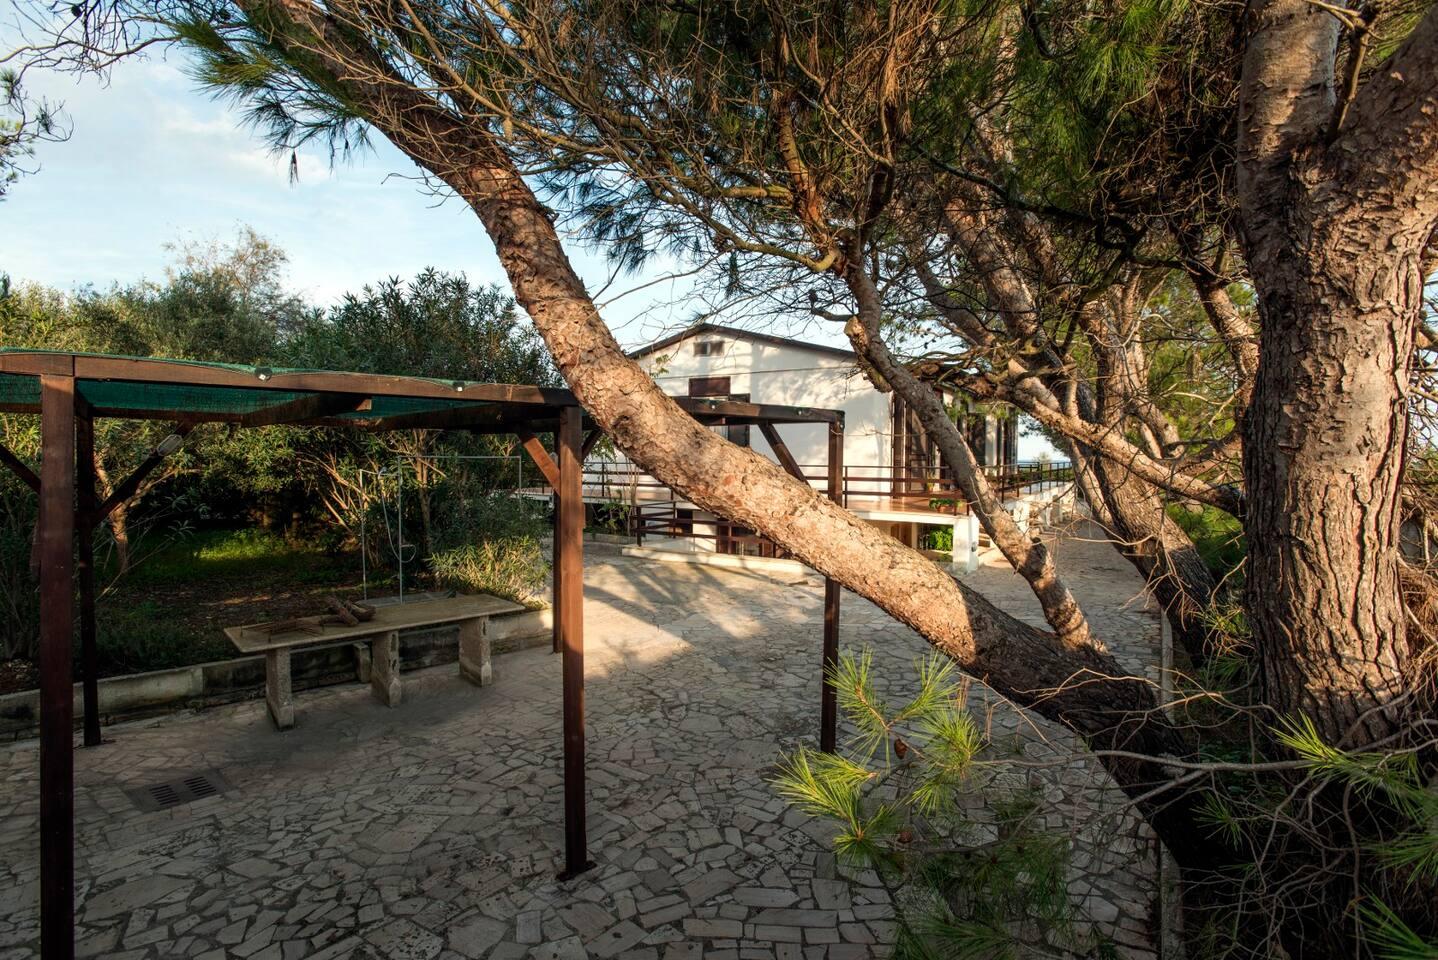 appartamento in villa sul mare - apartments for rent in porto ... - Piccolo Divano Letto Matrimoniale Di Pertinenza